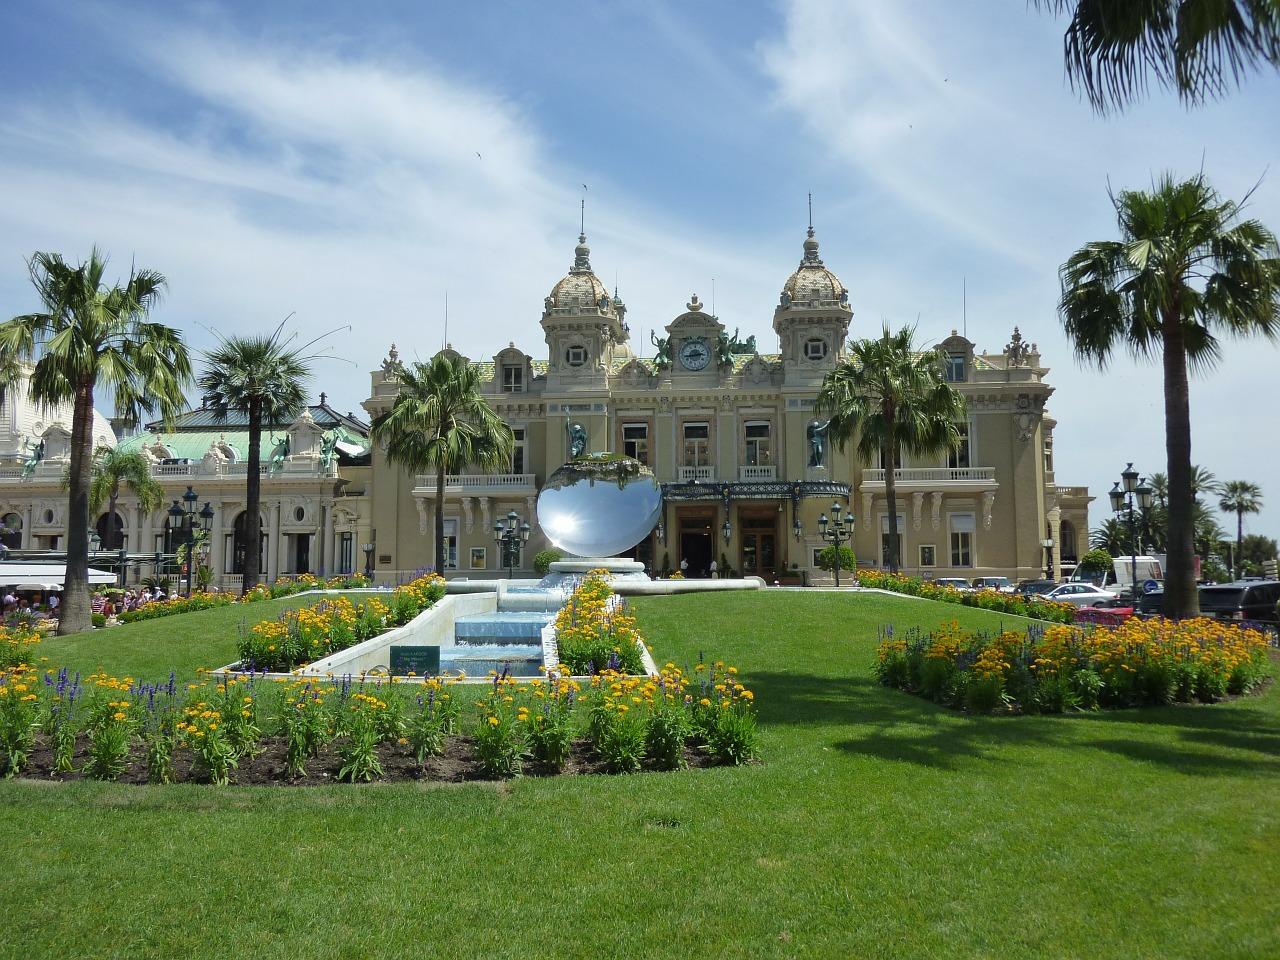 Monaco's Monte Carlo Casino